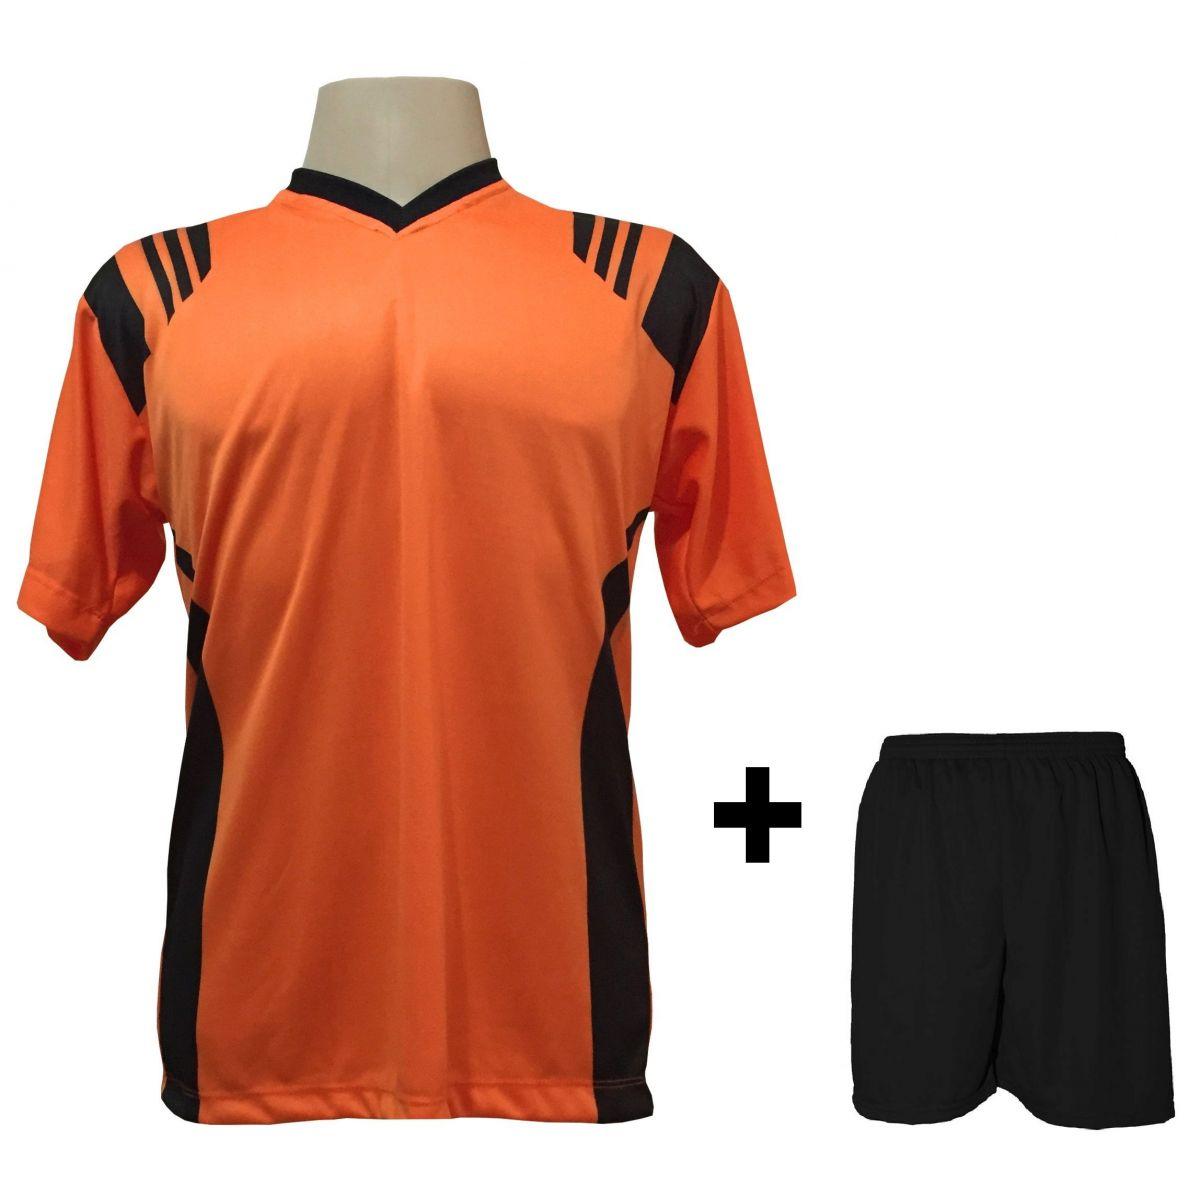 0992cb22ce8f2 Uniforme Esportivo com 20 camisas modelo Roma Laranja Preto + 20 calções  modelo Madrid Preto